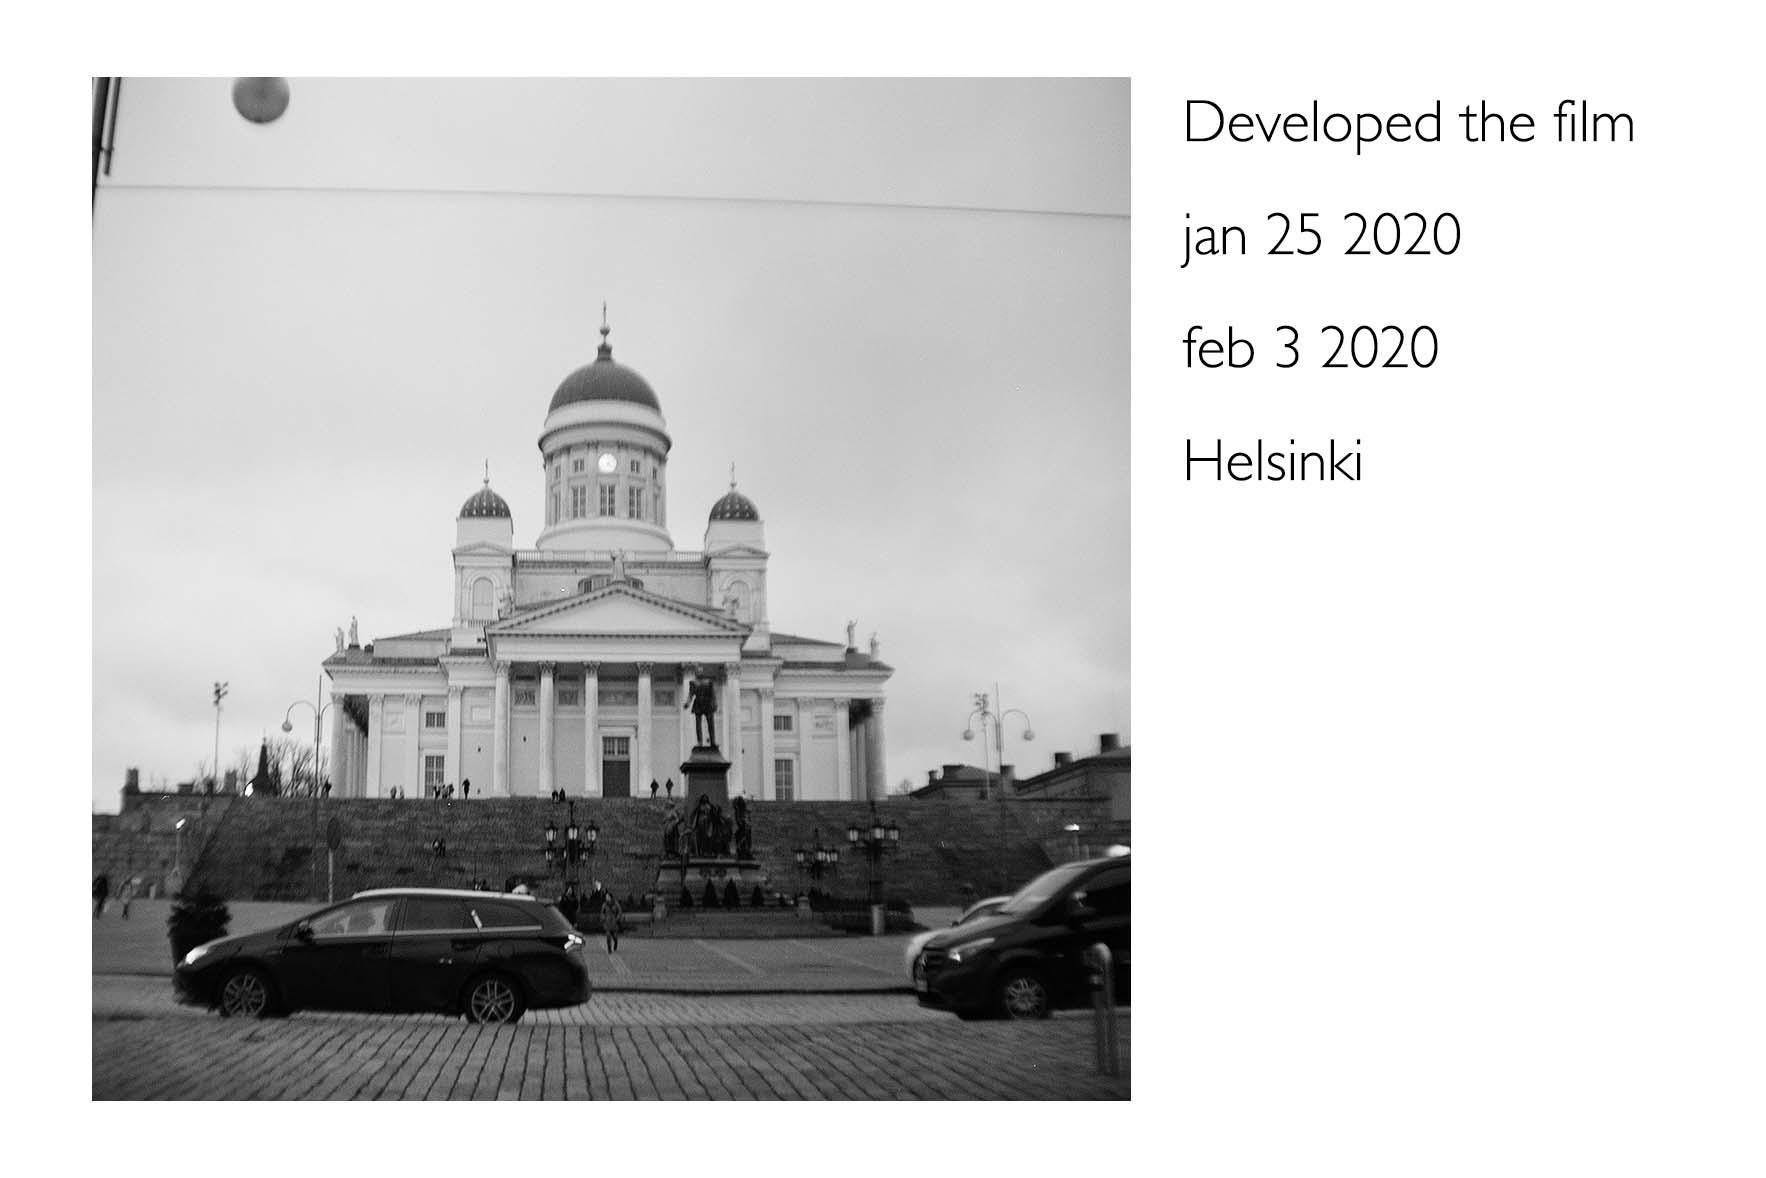 ヘルシンキで撮影したフィルムを現像した